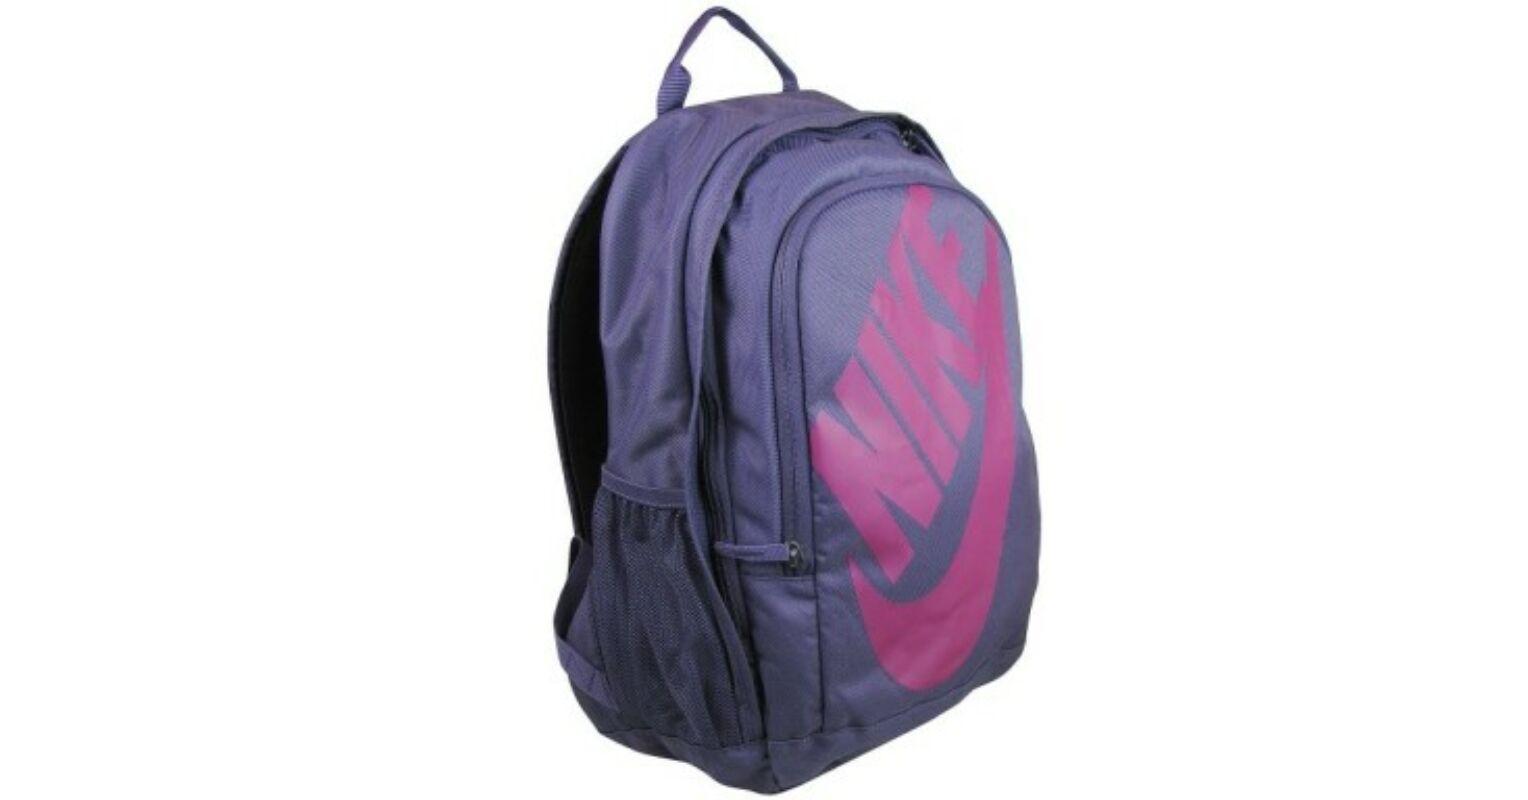 dfb8dfeec667 Nike Sportswear Hayward Futura lila Hátizsák Ba5217-539 - Túra és  szabadidős hátizsákok - Táska webáruház - Minőségi táskák mindenkinek